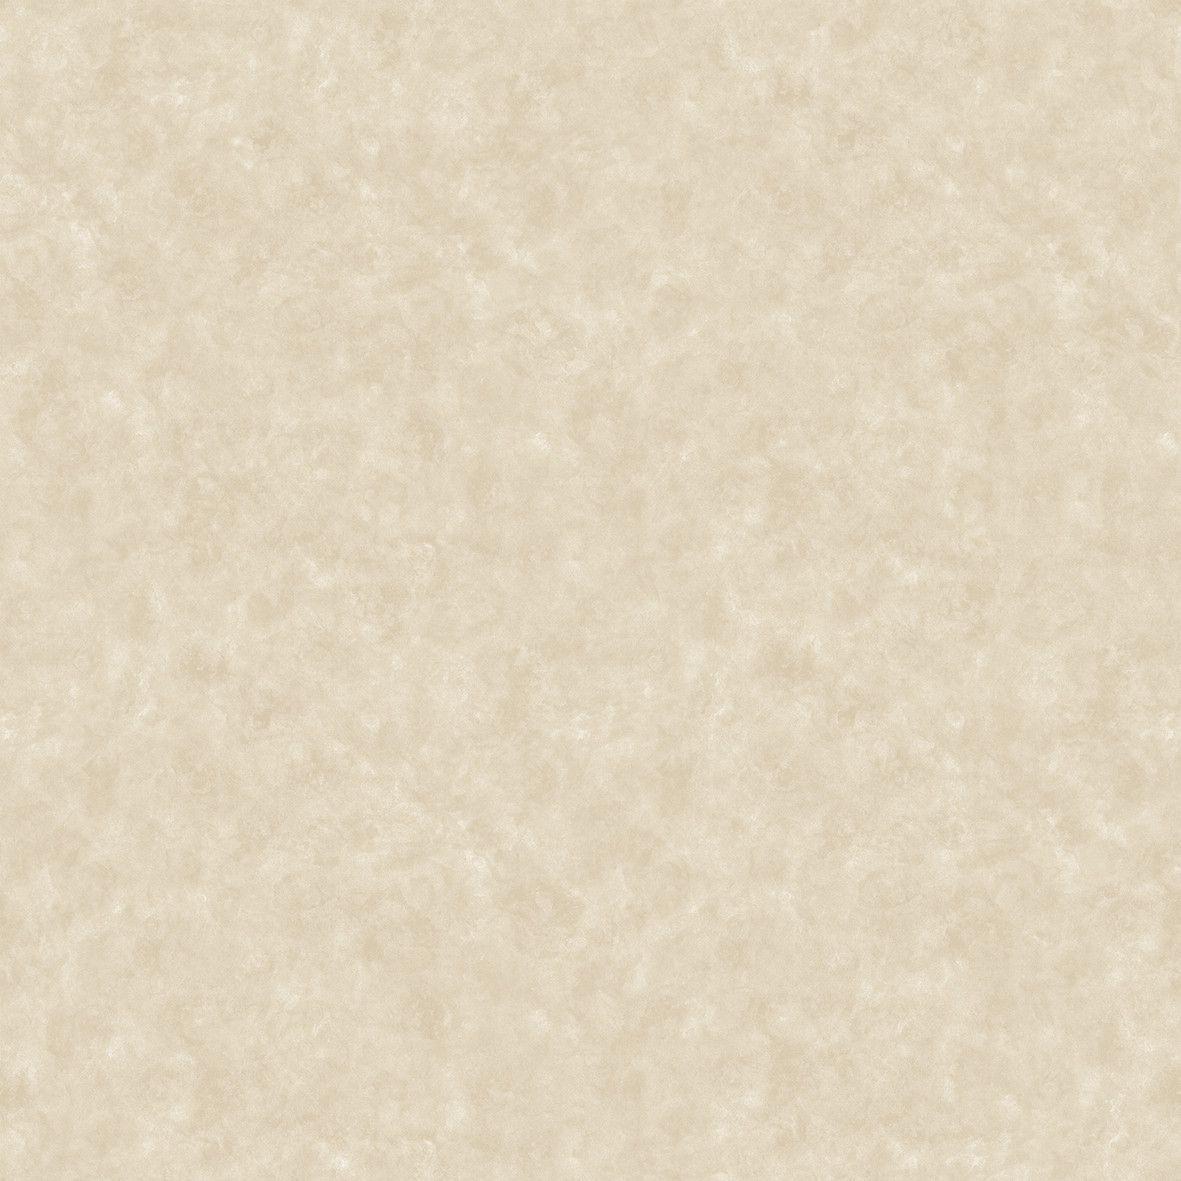 Papel de Parede  Kan Tai Vinilico Infantil Coleção Olá Baby 2 Liso Texturizado Cinza